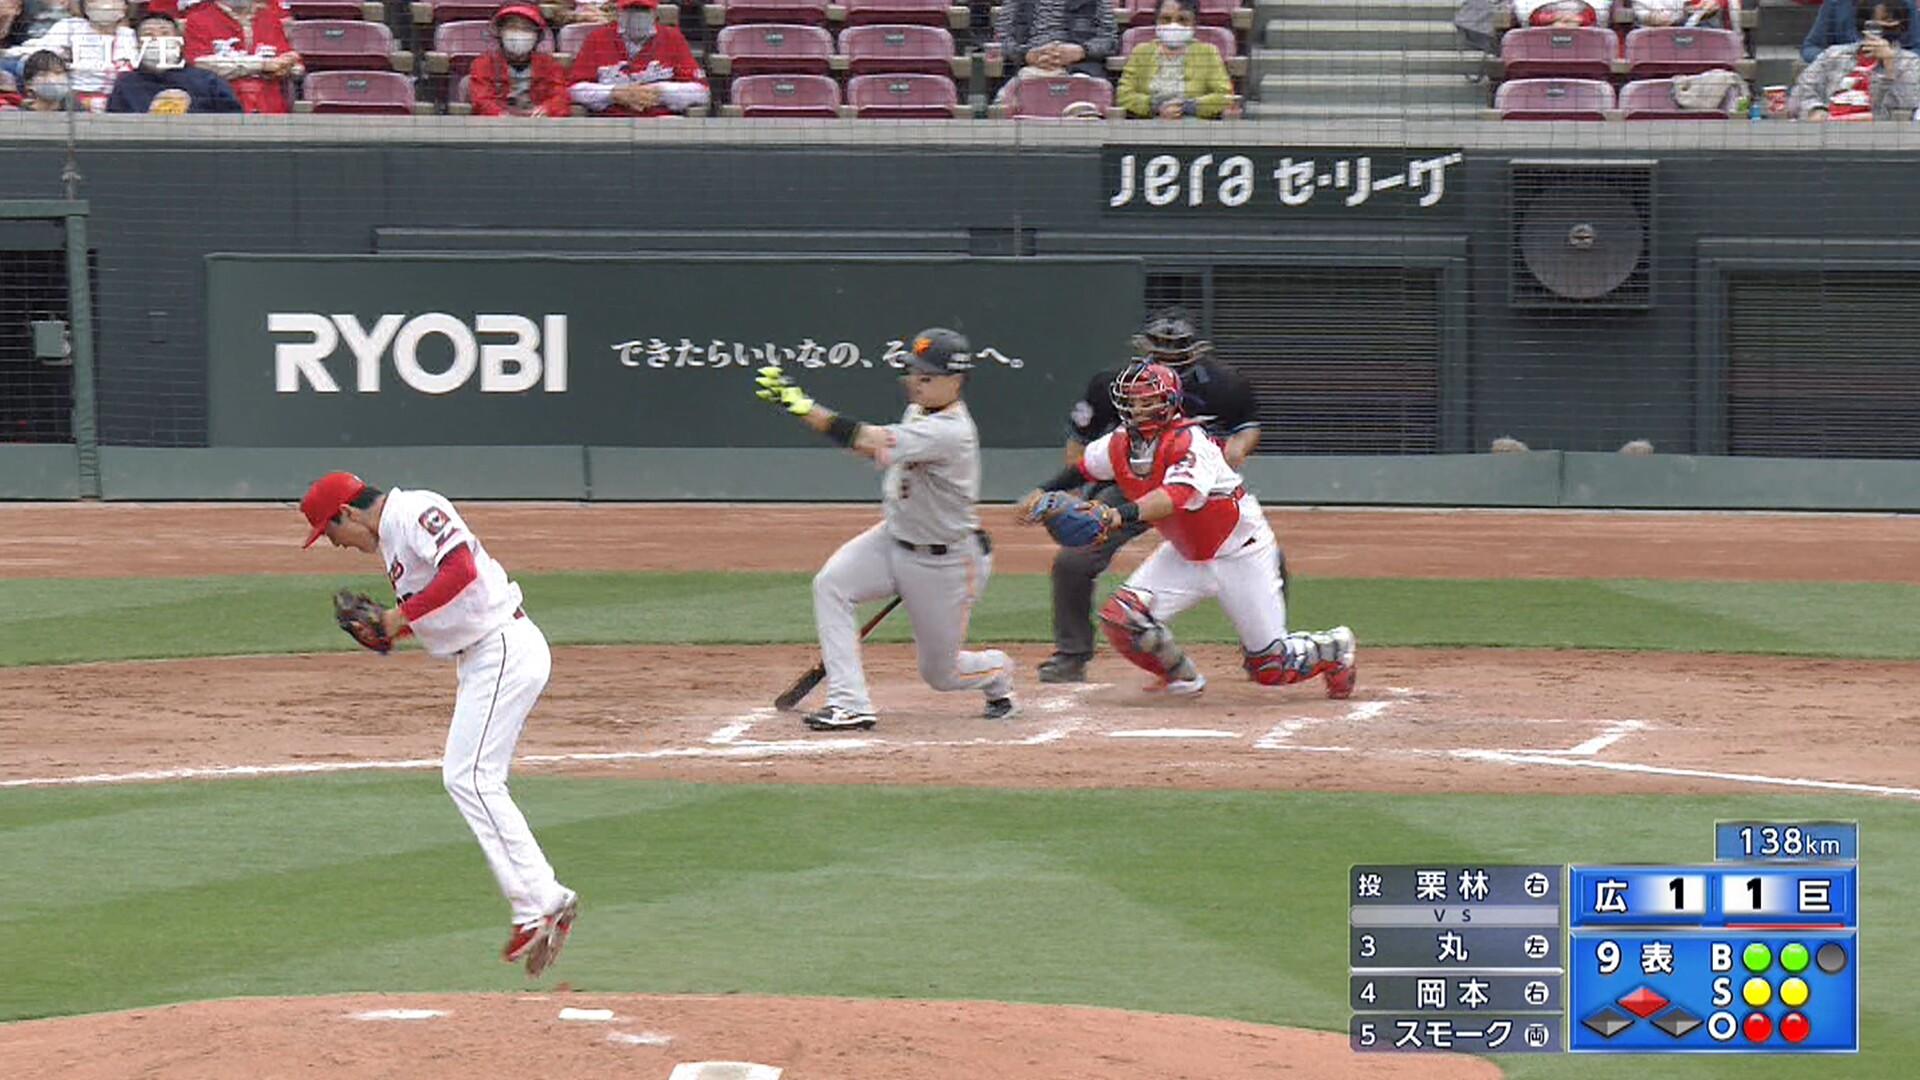 広島・栗林、デビューから14試合連続無失点 新人のプロ野球記録を樹立